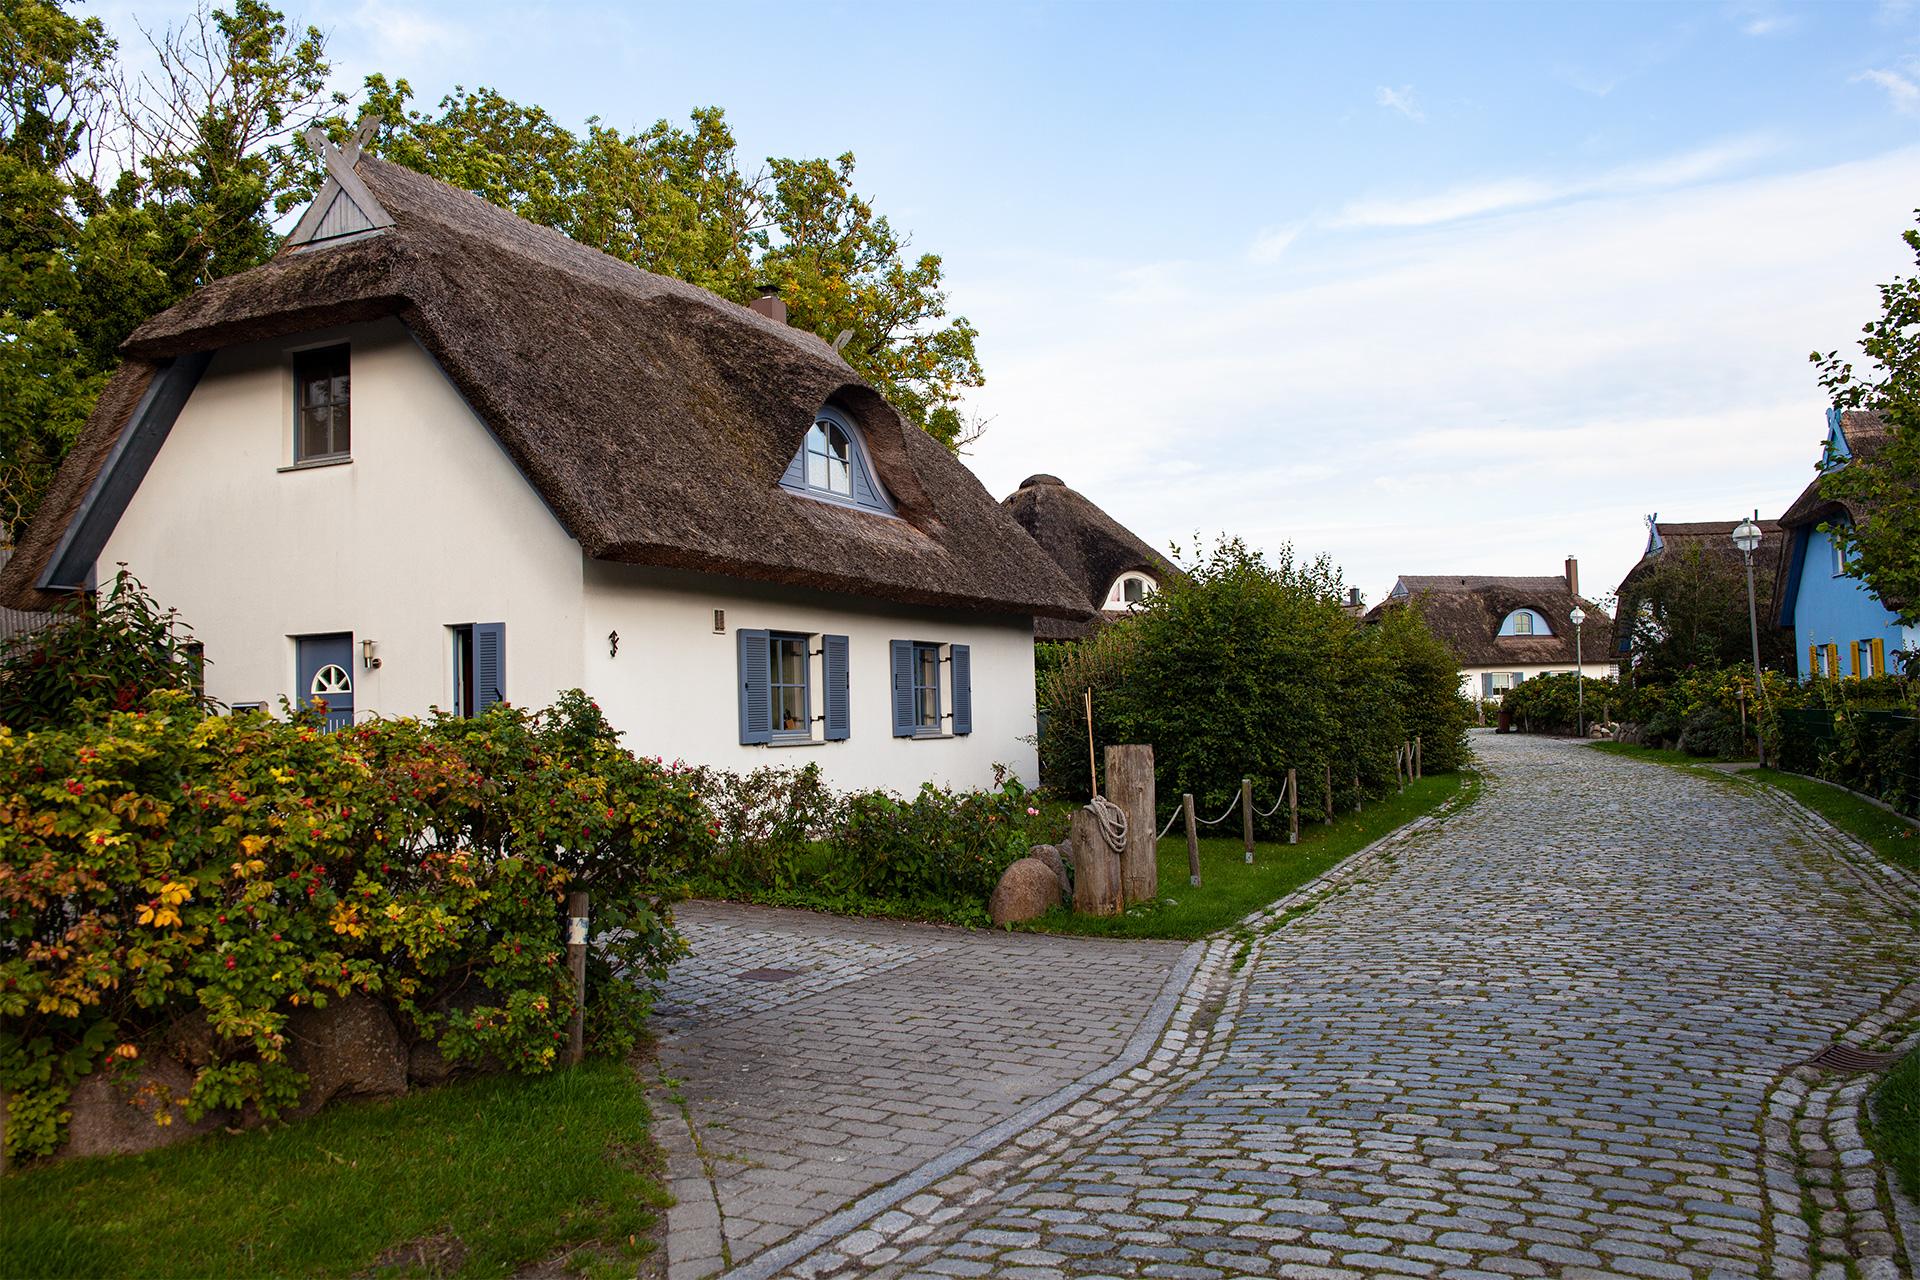 Osiedle domków pokrytych strzechami